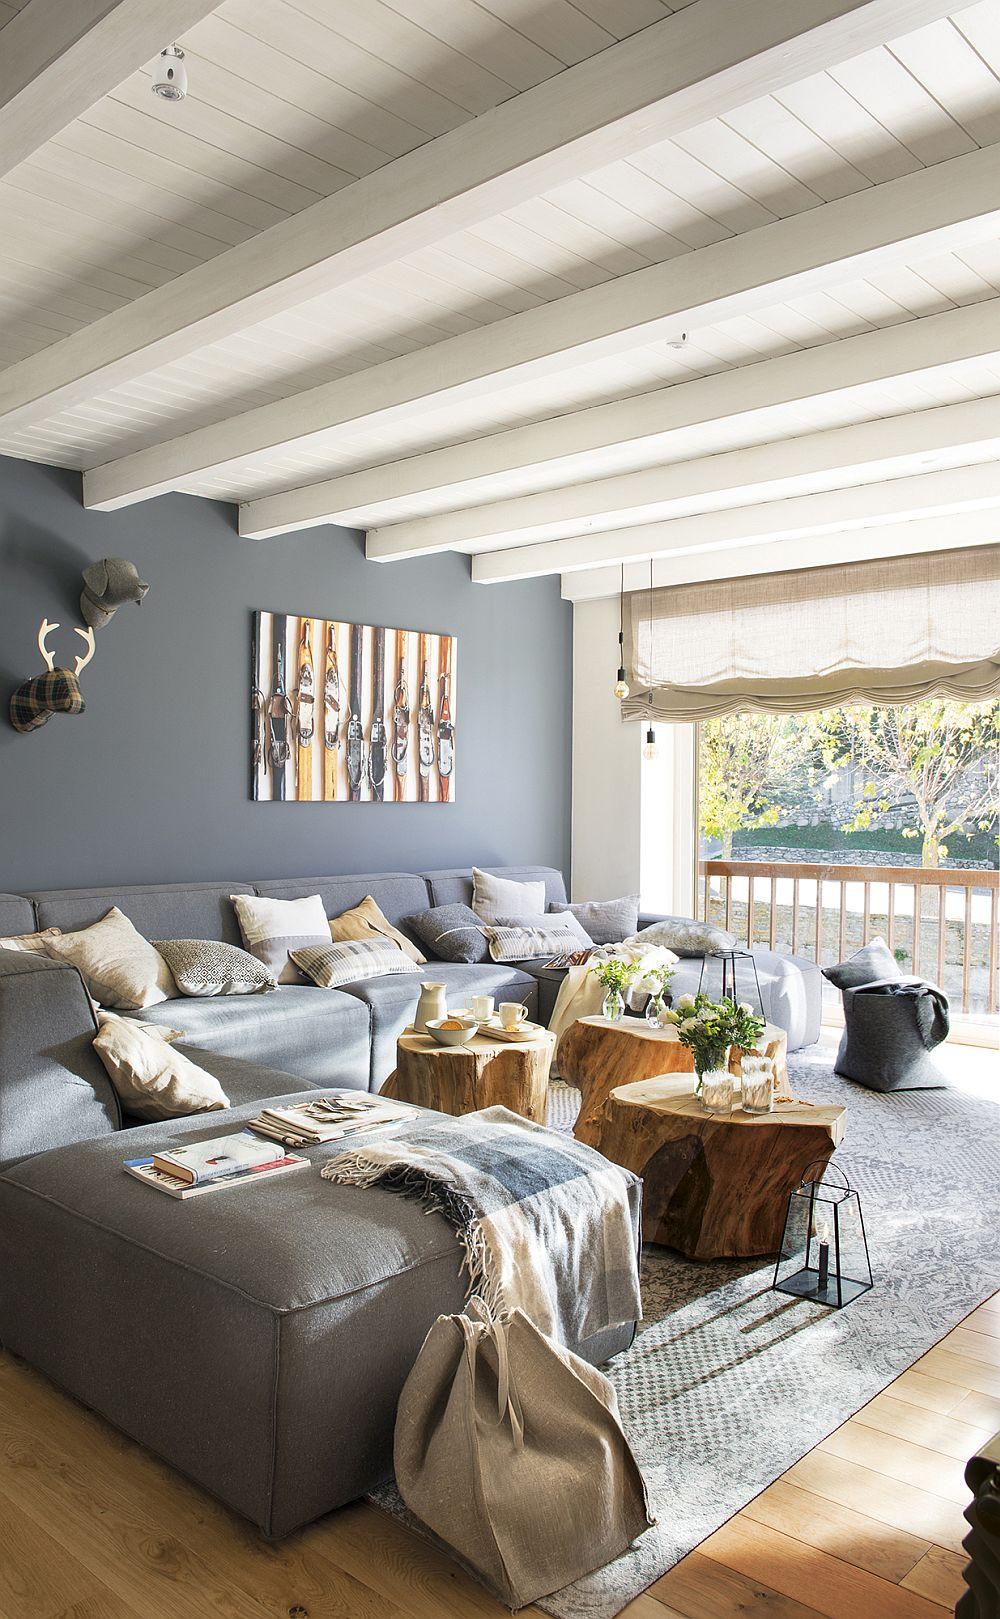 Înălțimea parterului nu este mare, așa că nu întâmplător canapeaua din living a fost aleasă cu o tapițerie apropiatp ca și nuanță de cea a peretelui. Astfel, canapeaua nu mai fragmentează cromatic zona din living, păcălind ochiul asupra înălțimii reale a camerei. Desigur și plafonul alb ajută foarte mult pentru această senzație.